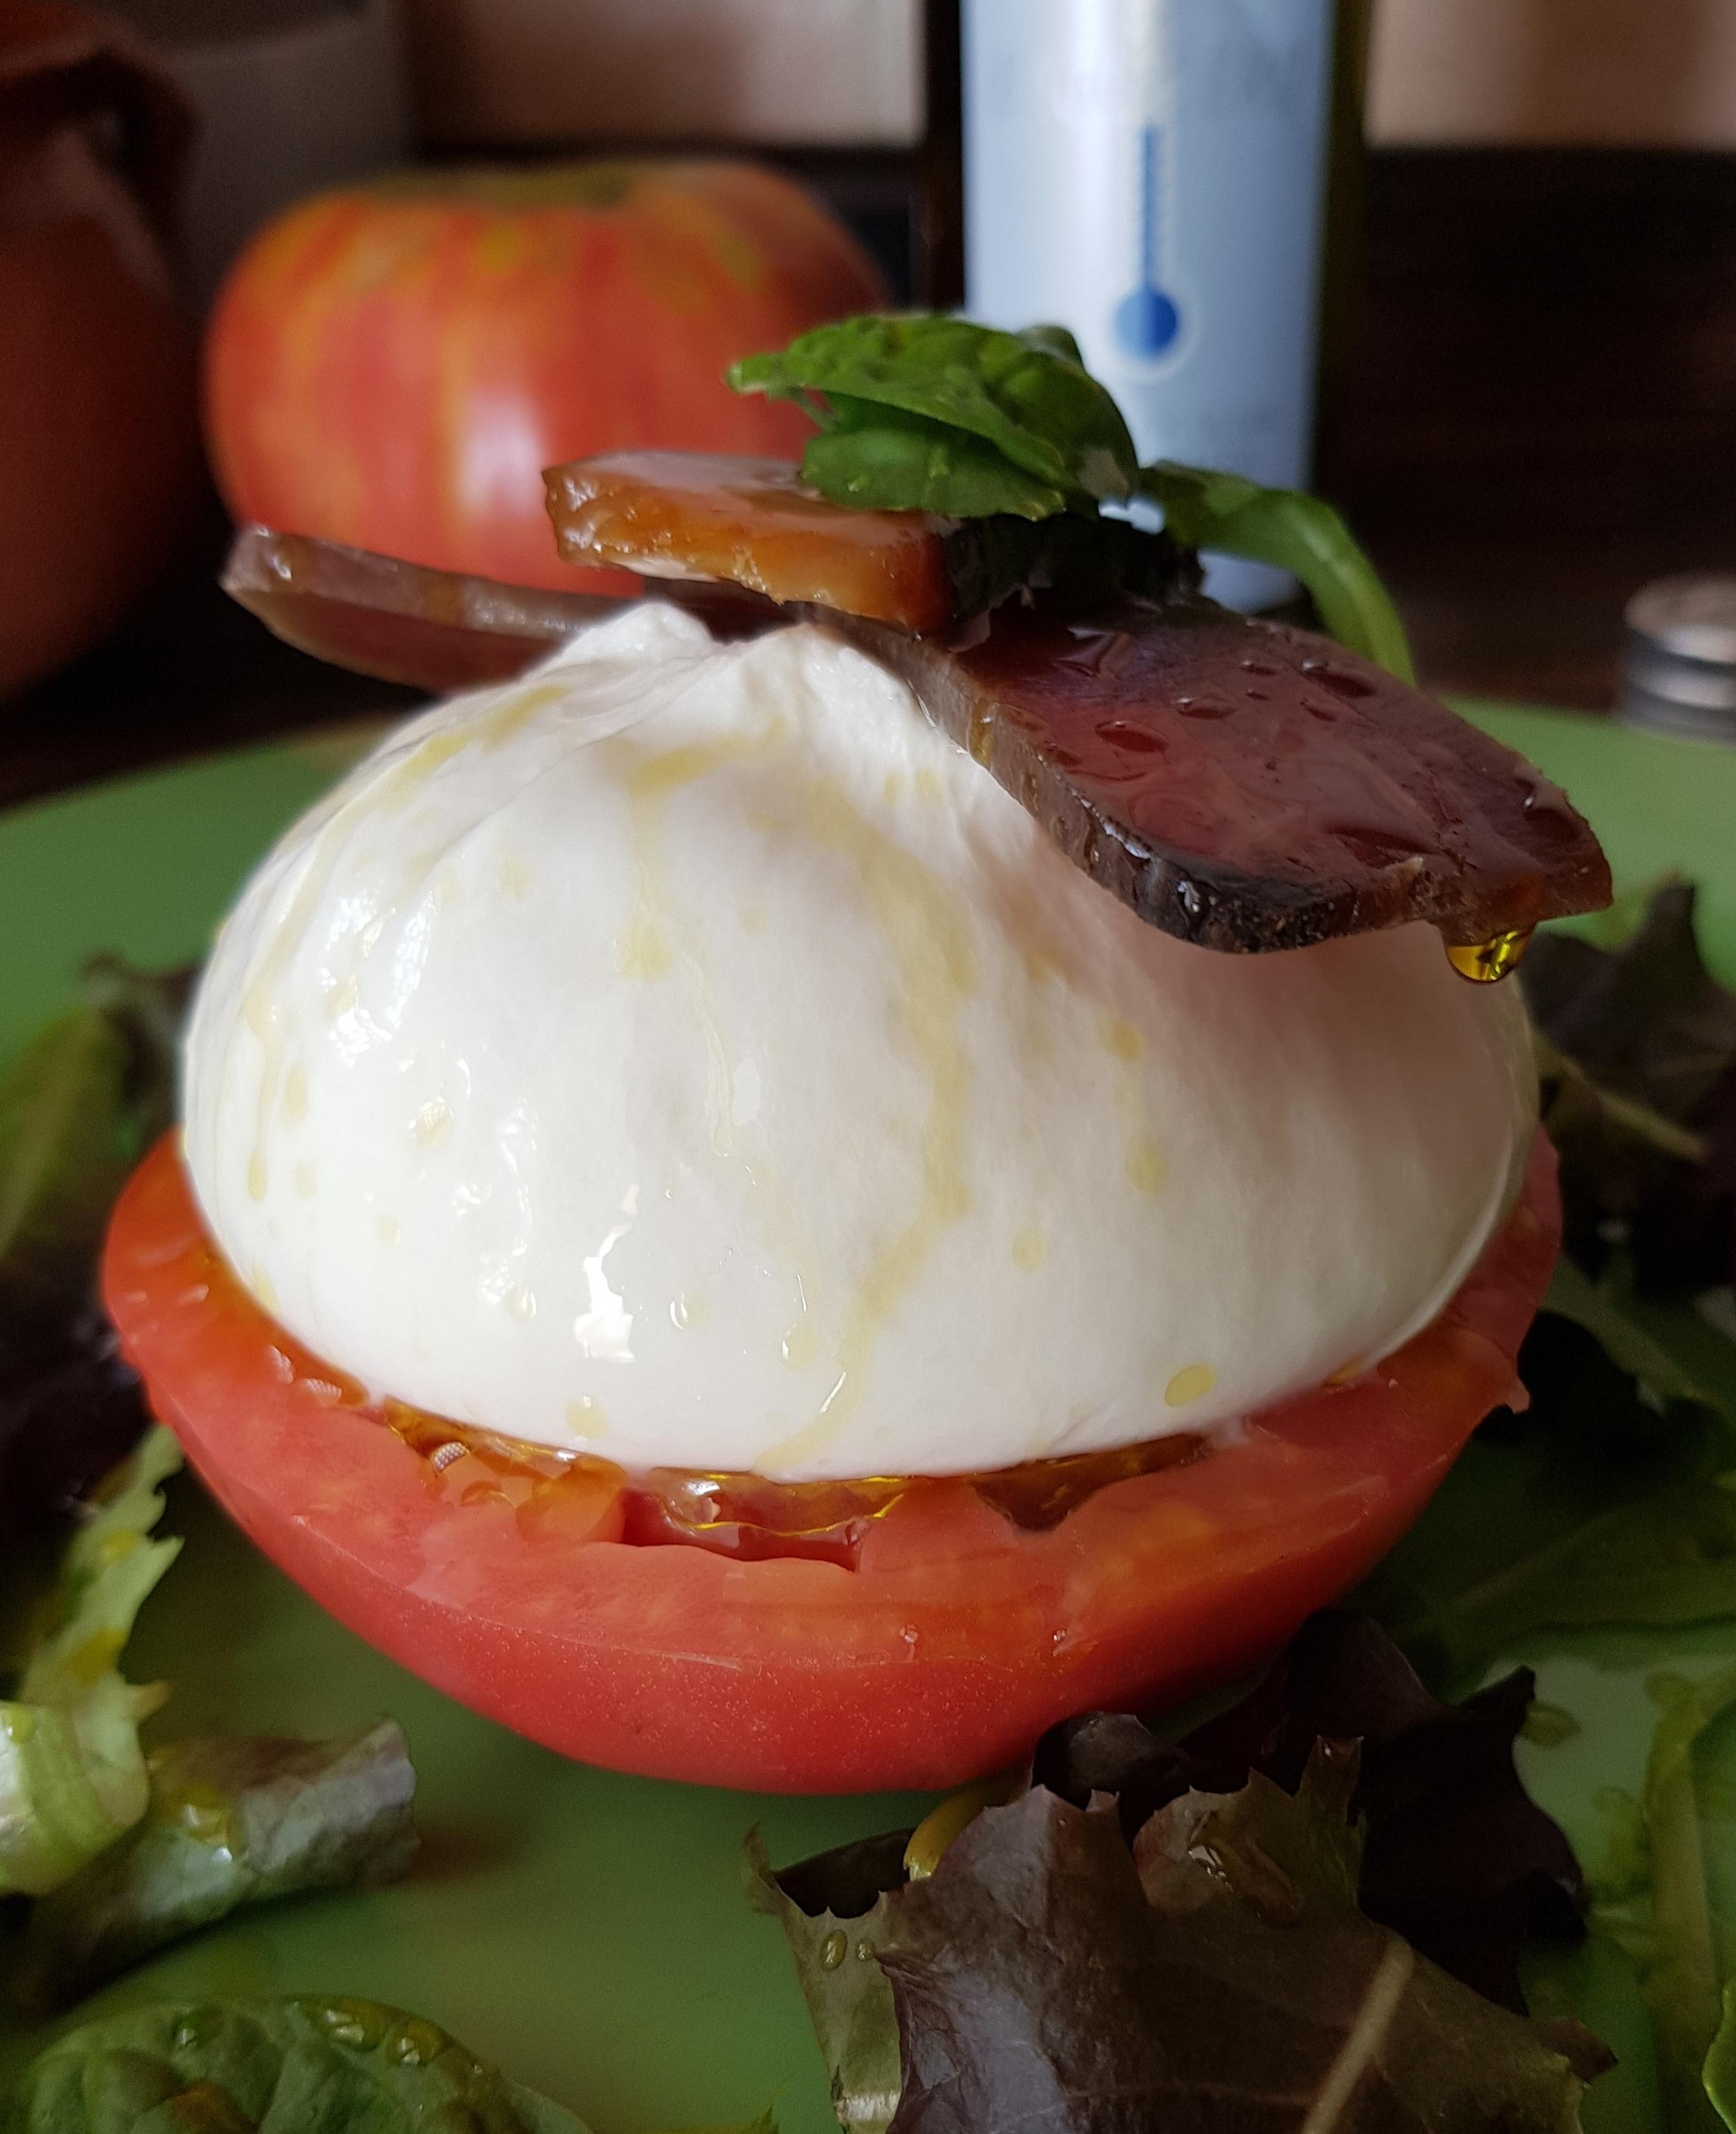 Ensalada gourmet con aceite de oliva virgen extra bajo cero, tomate , burrata y salazones